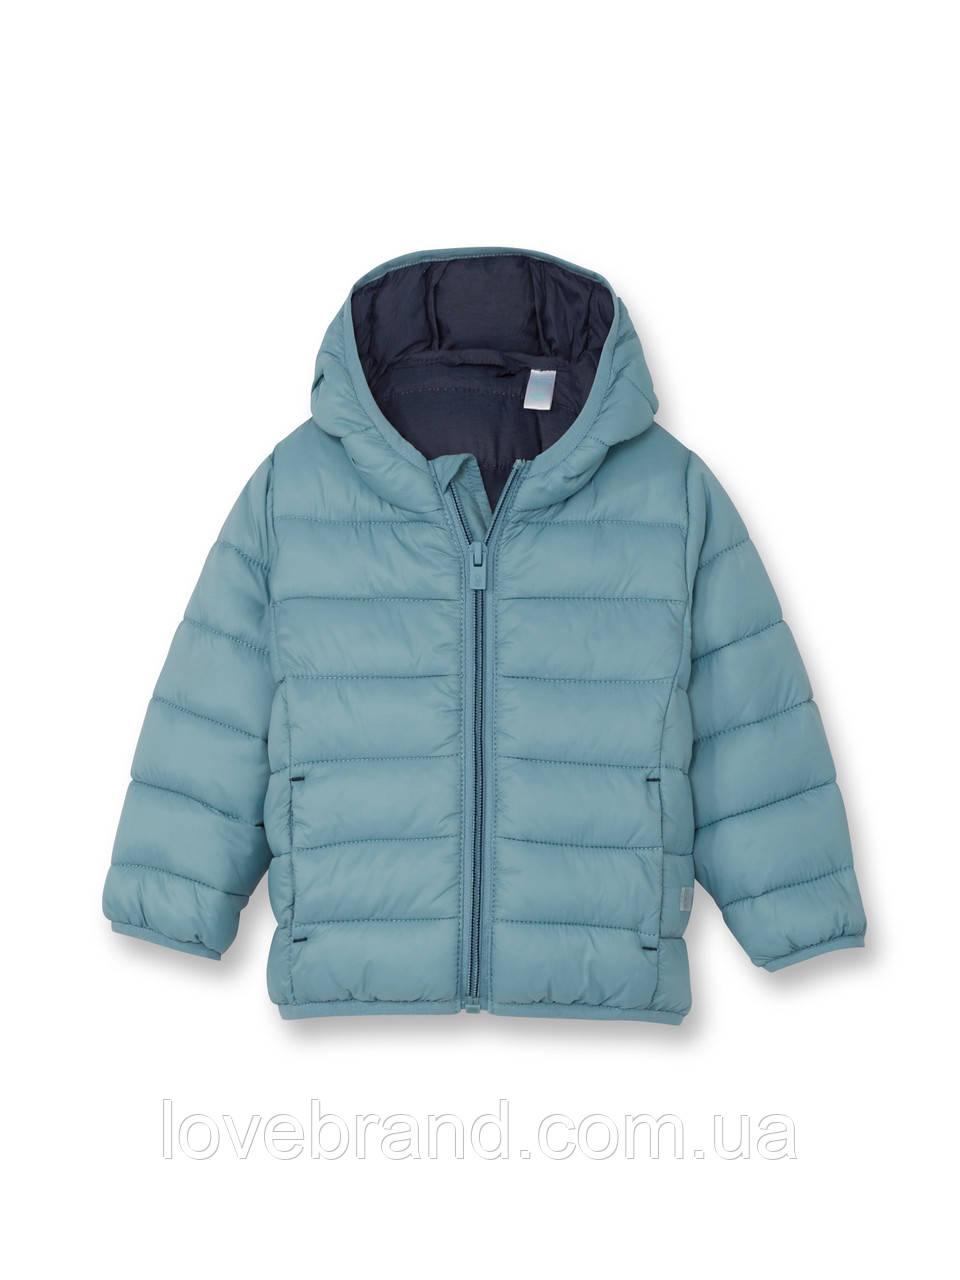 Легкая демисезонная курточка для мальчика OKAIDI (ФРАНЦИЯ) голубая 24 мес/86 см